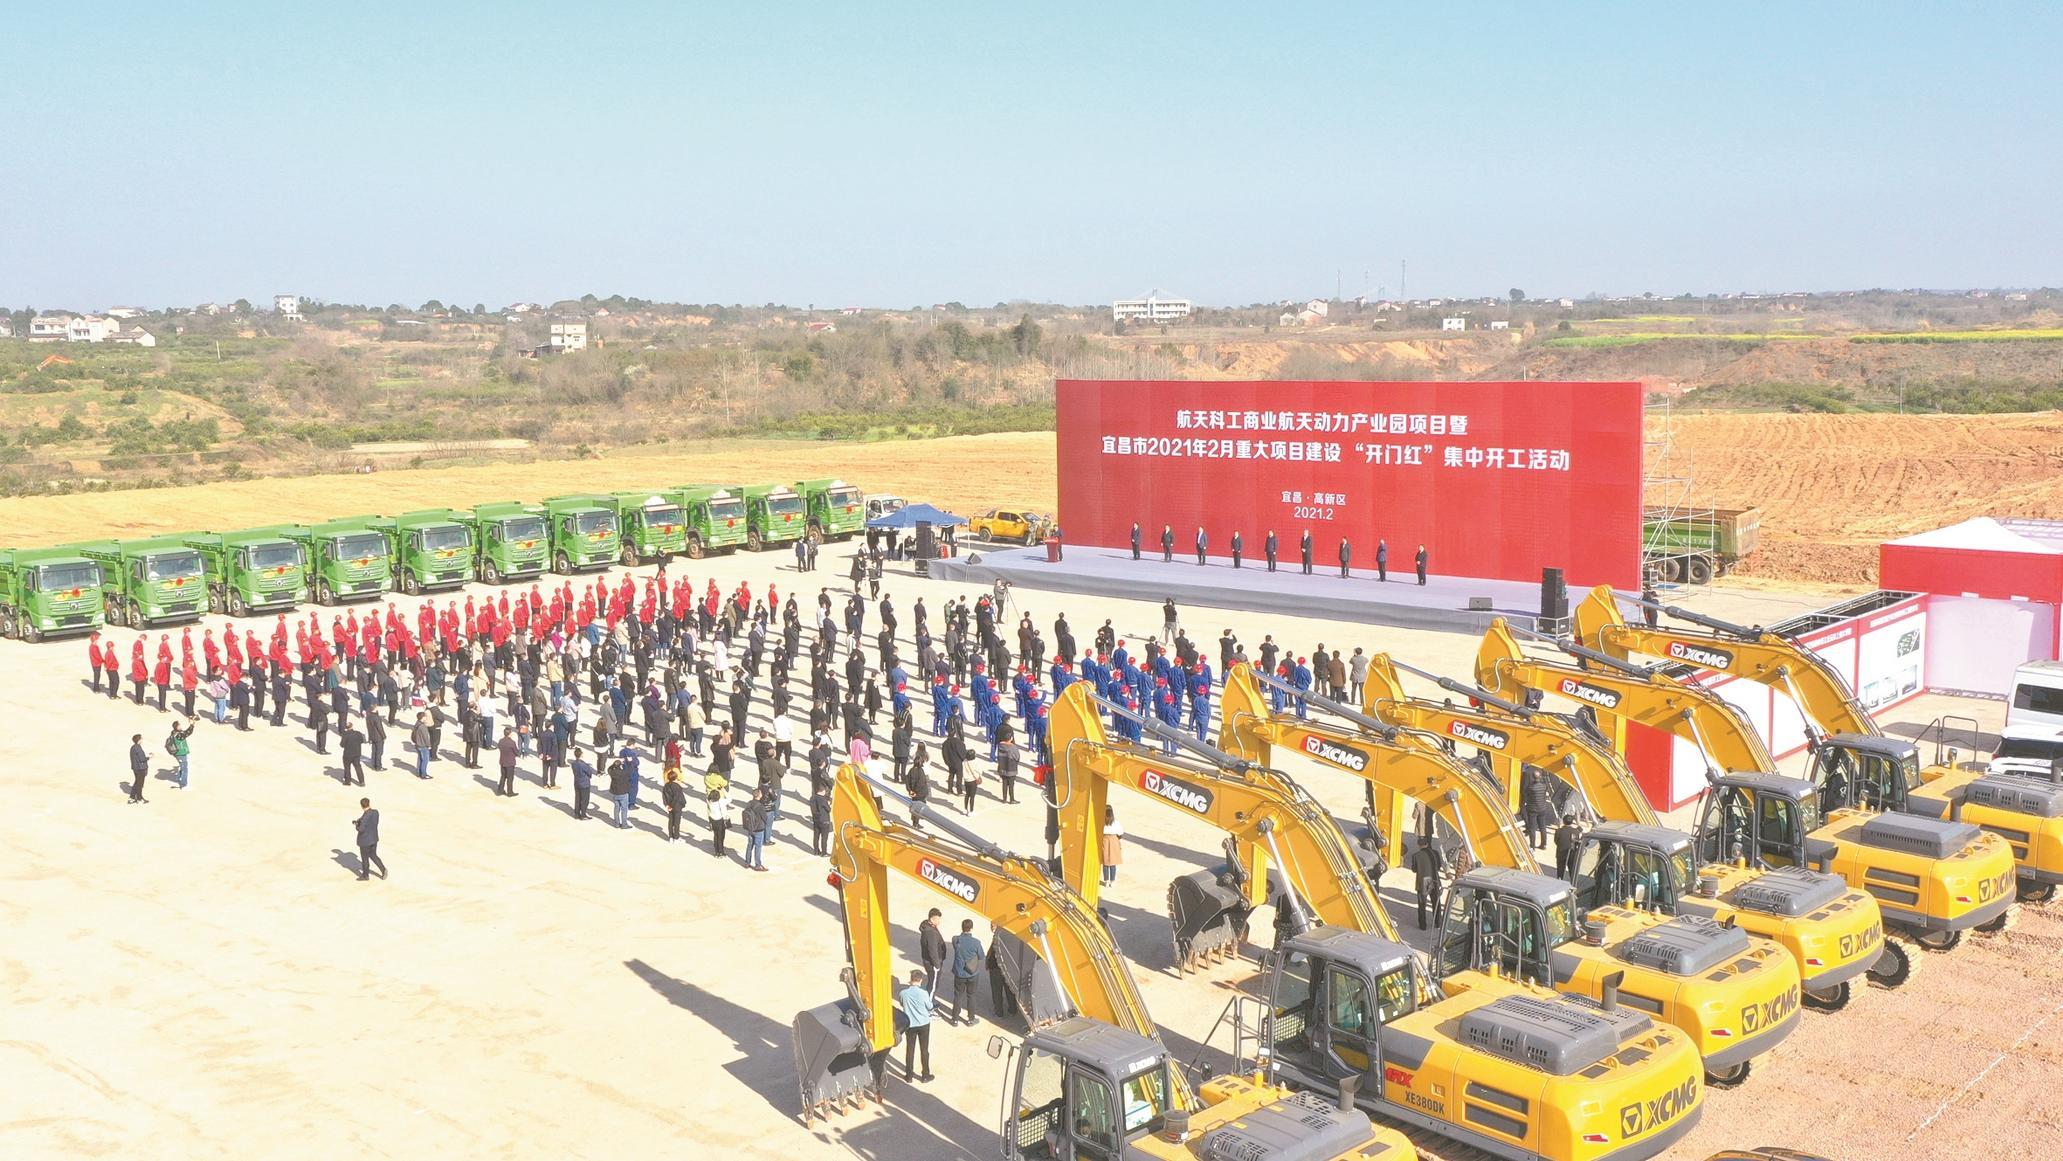 中国航天科工集团有限公司商业航天动力产业园。